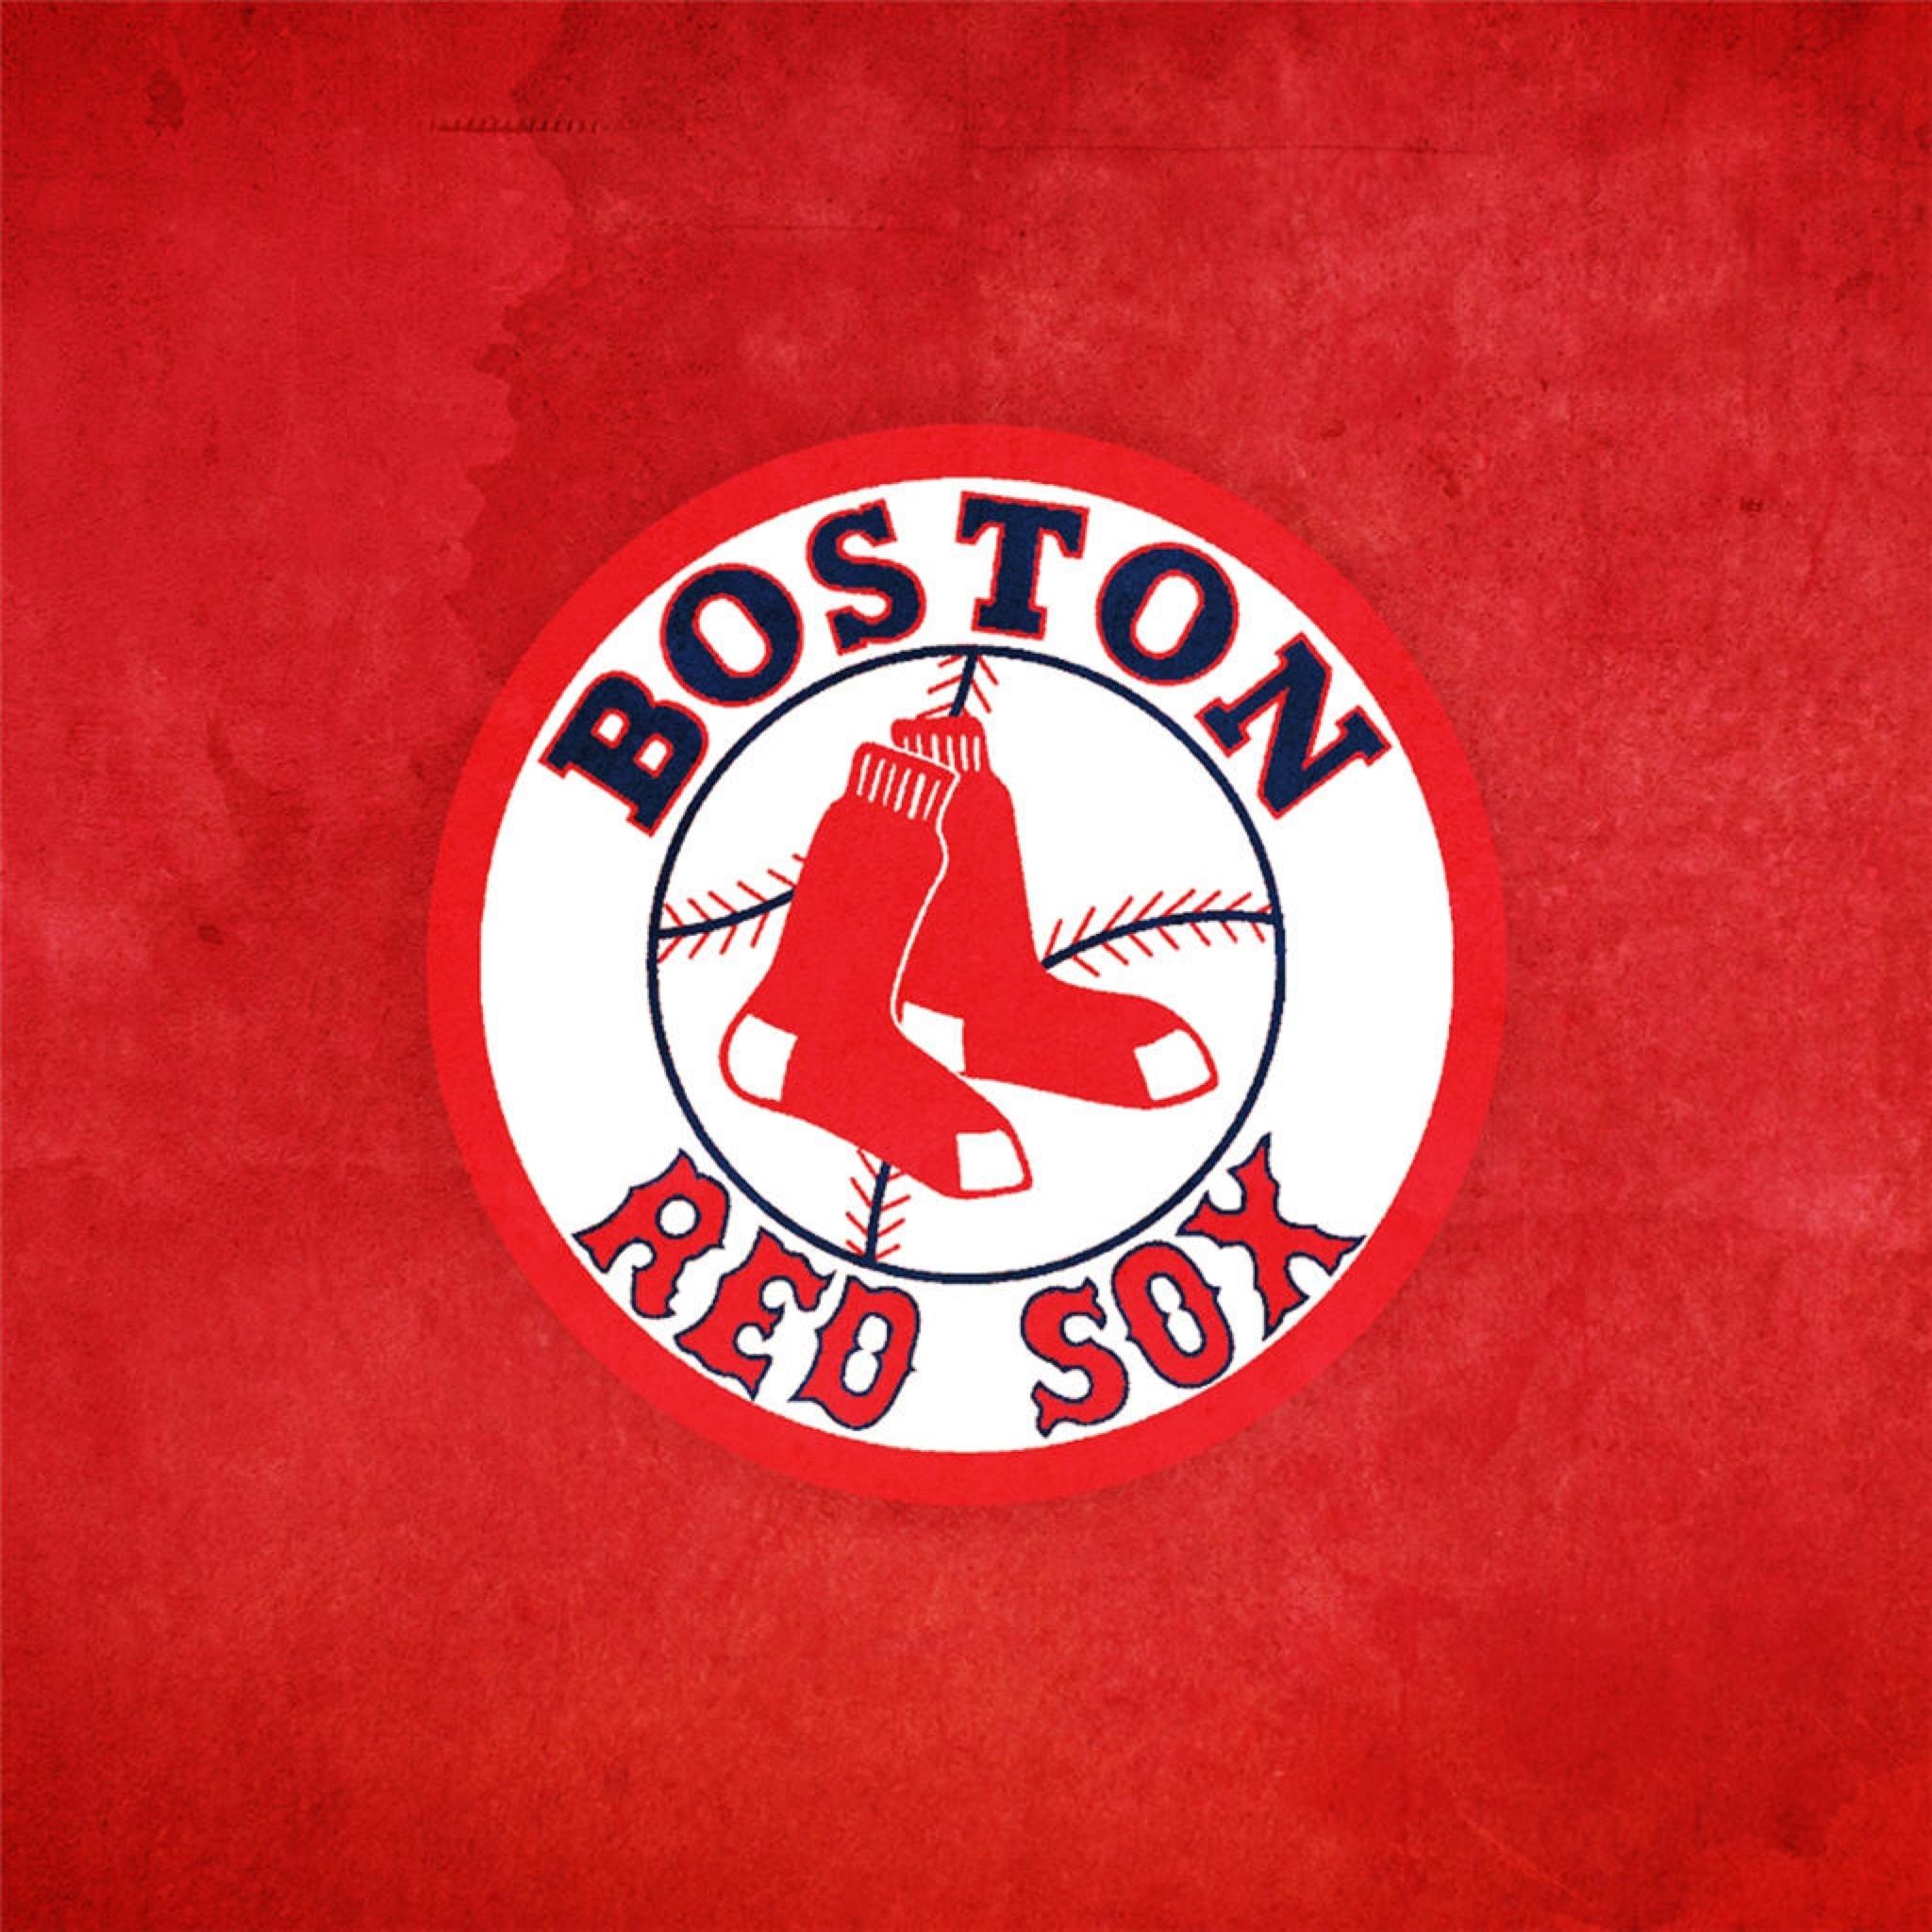 mobile-boston-red-sox-wallpaper - wallpaper.wiki